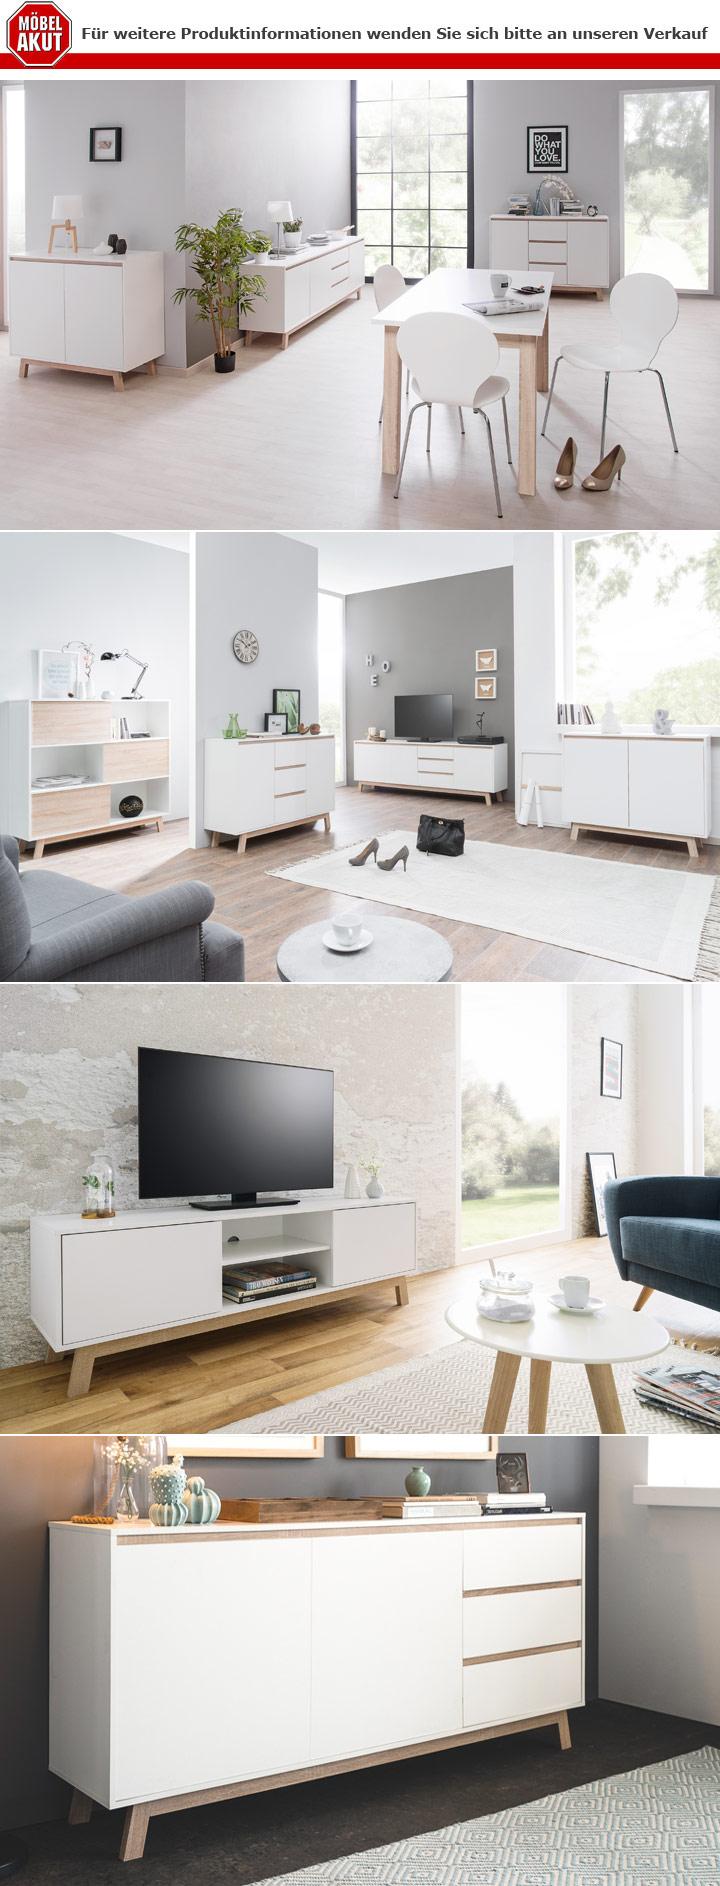 Sideboard Apart 3 Anrichte Kommode Schrank in weiß und Sonoma Eiche 200 cm